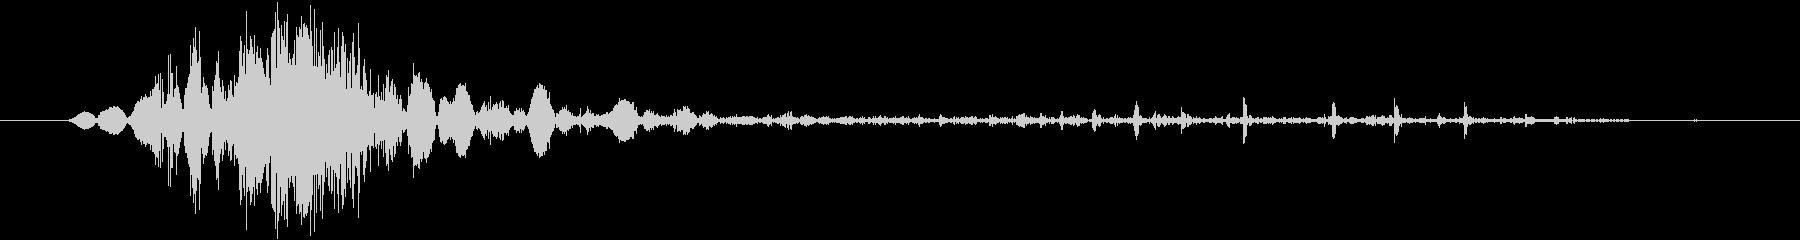 鞭(ムチ)で攻撃する効果音 08の未再生の波形